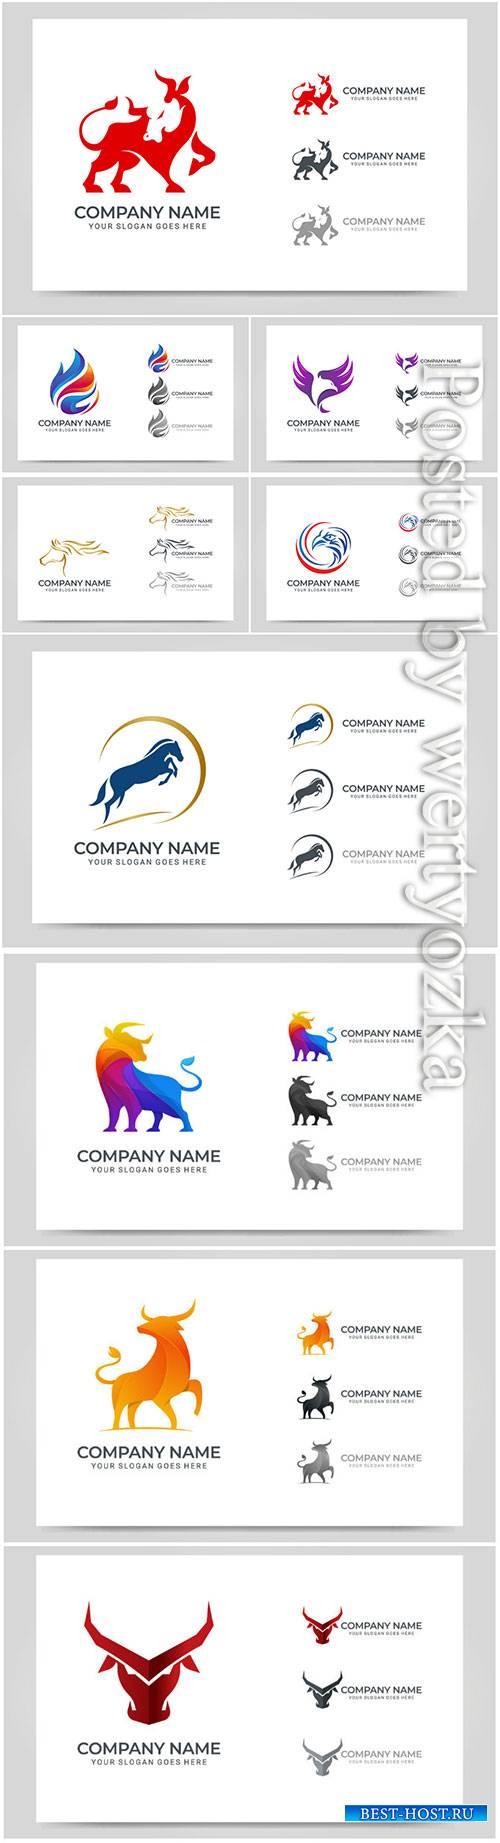 Modern abstract logo design